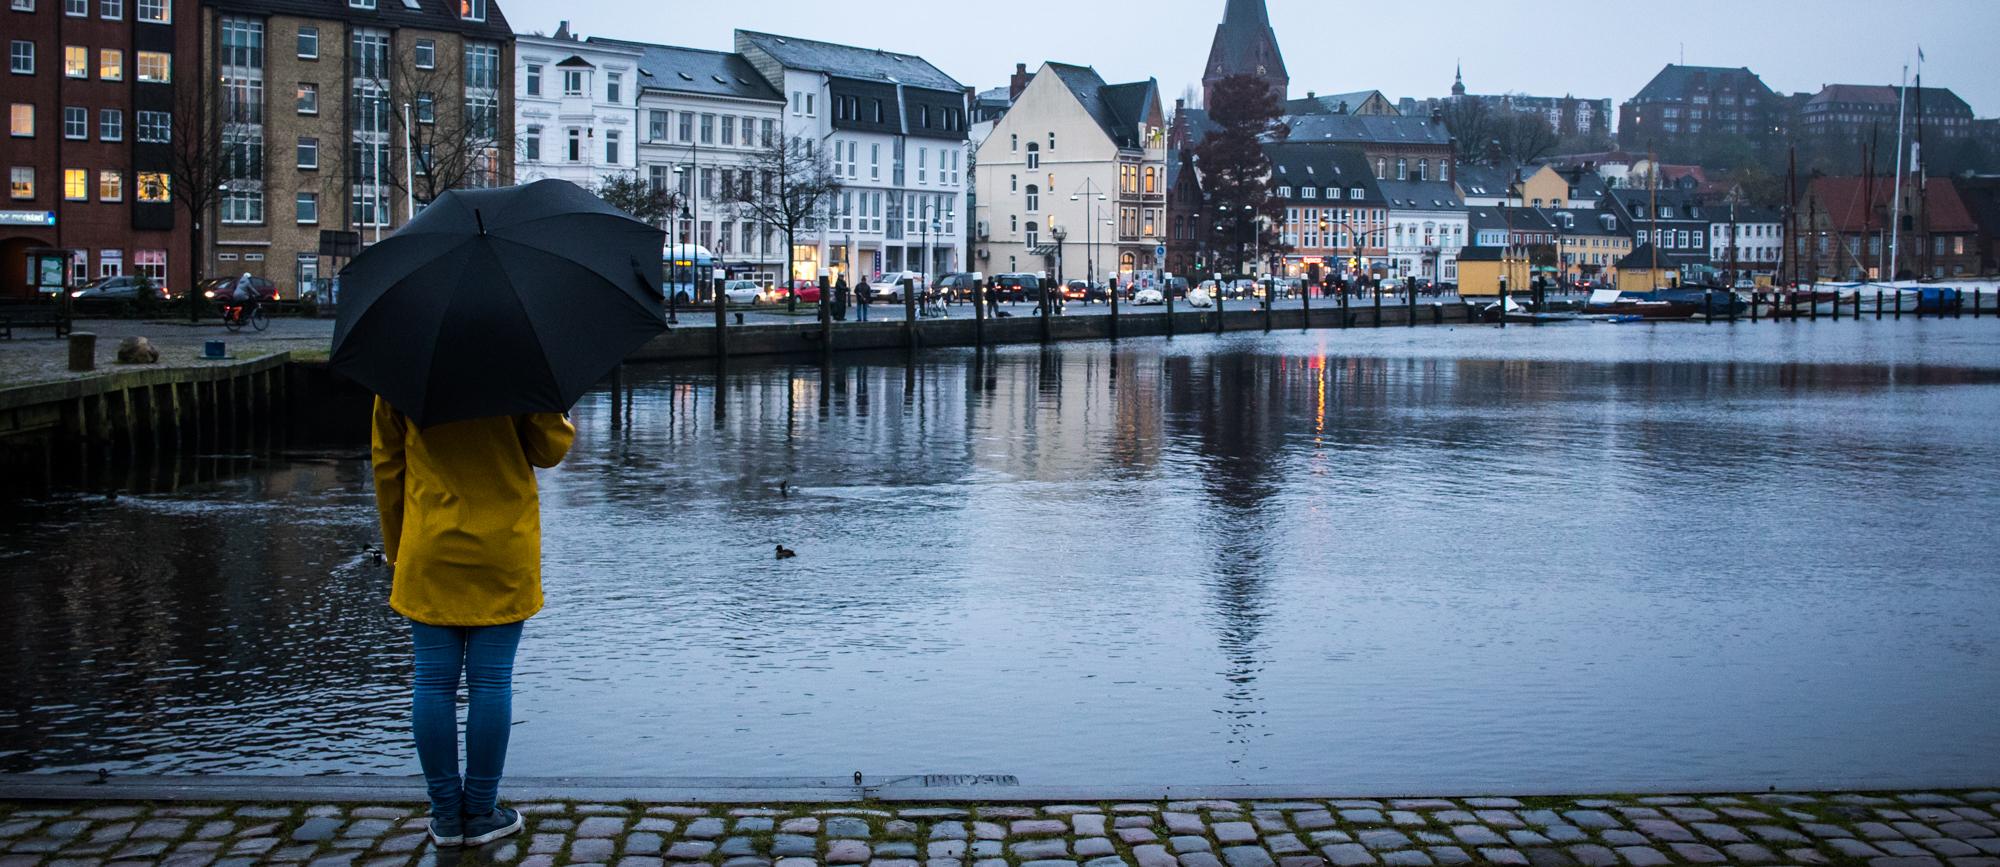 Flensburg bei Schietwedder - Ideen für schlechtes Wetter - Fördezeit ...